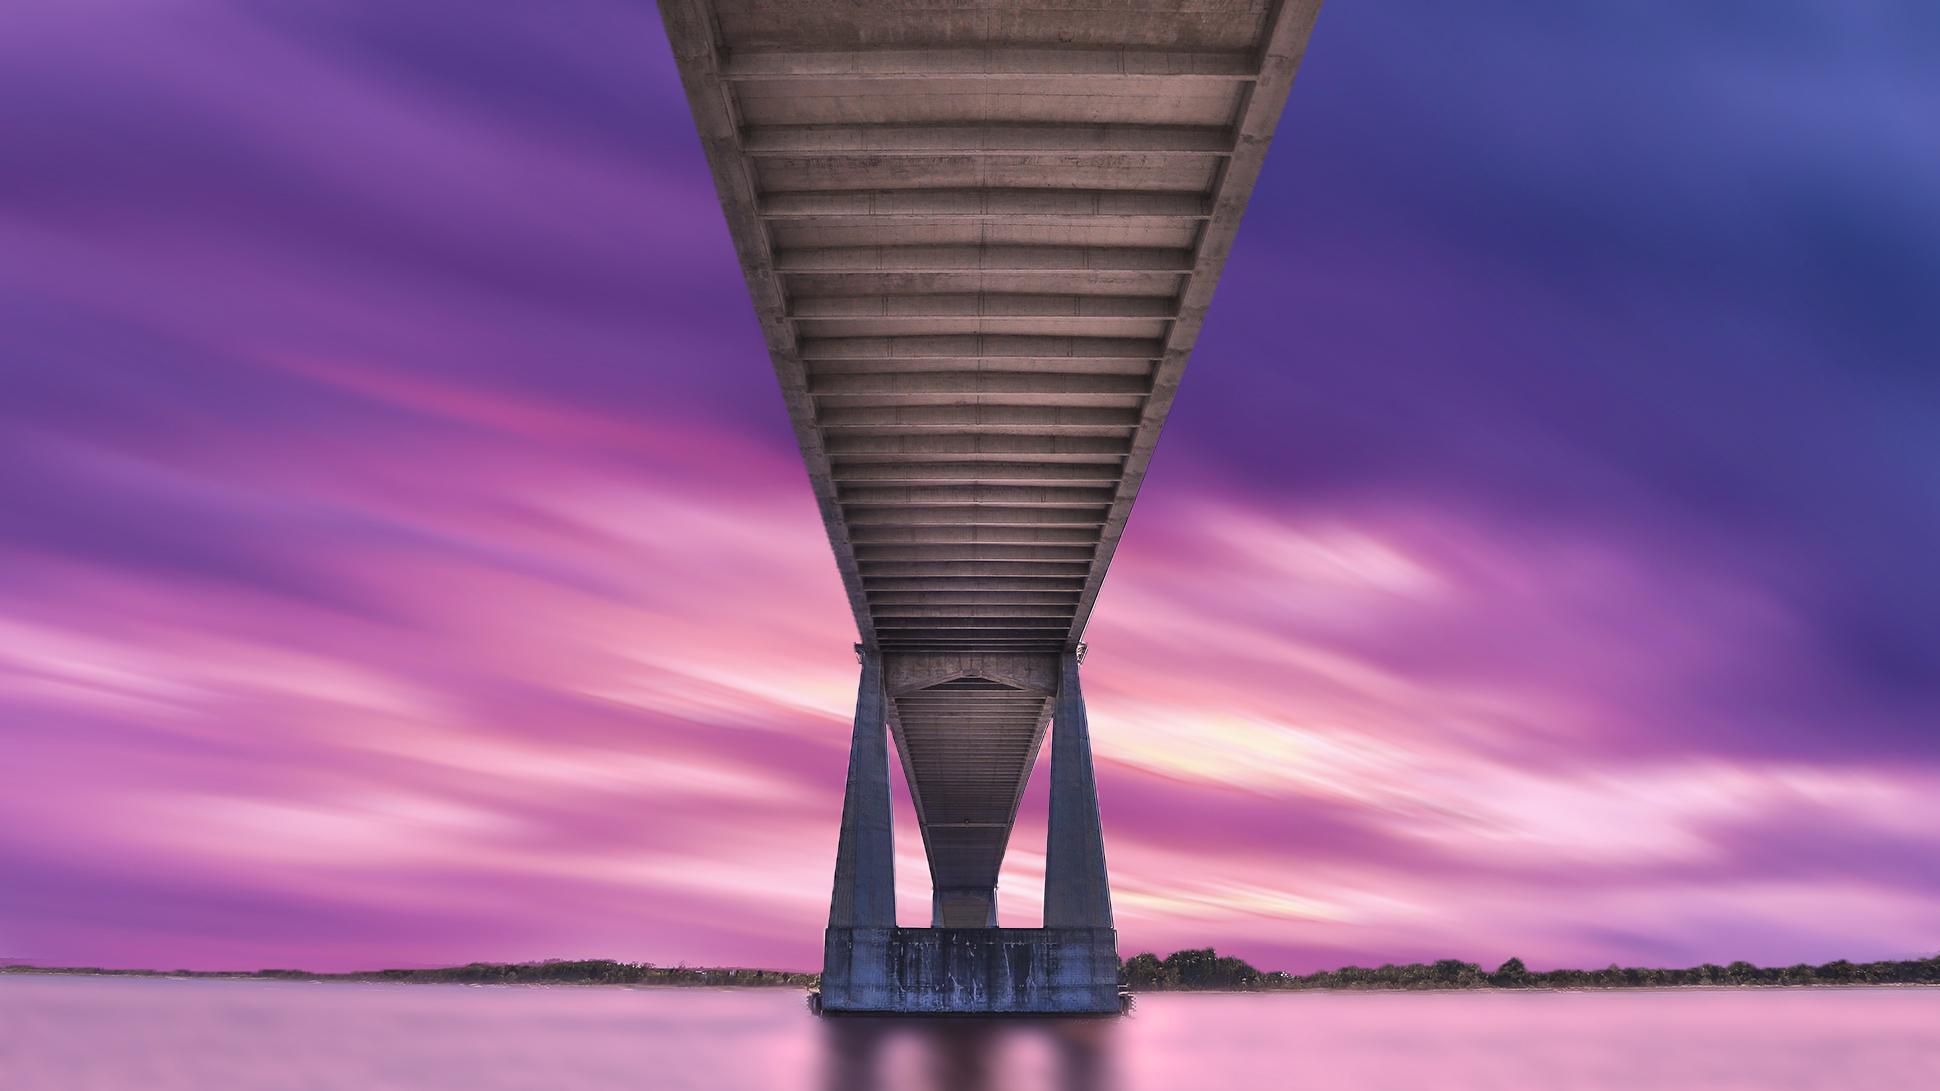 The Dames Point Bridge - Jacksonville, FL. Photo by Adam Szarmack.